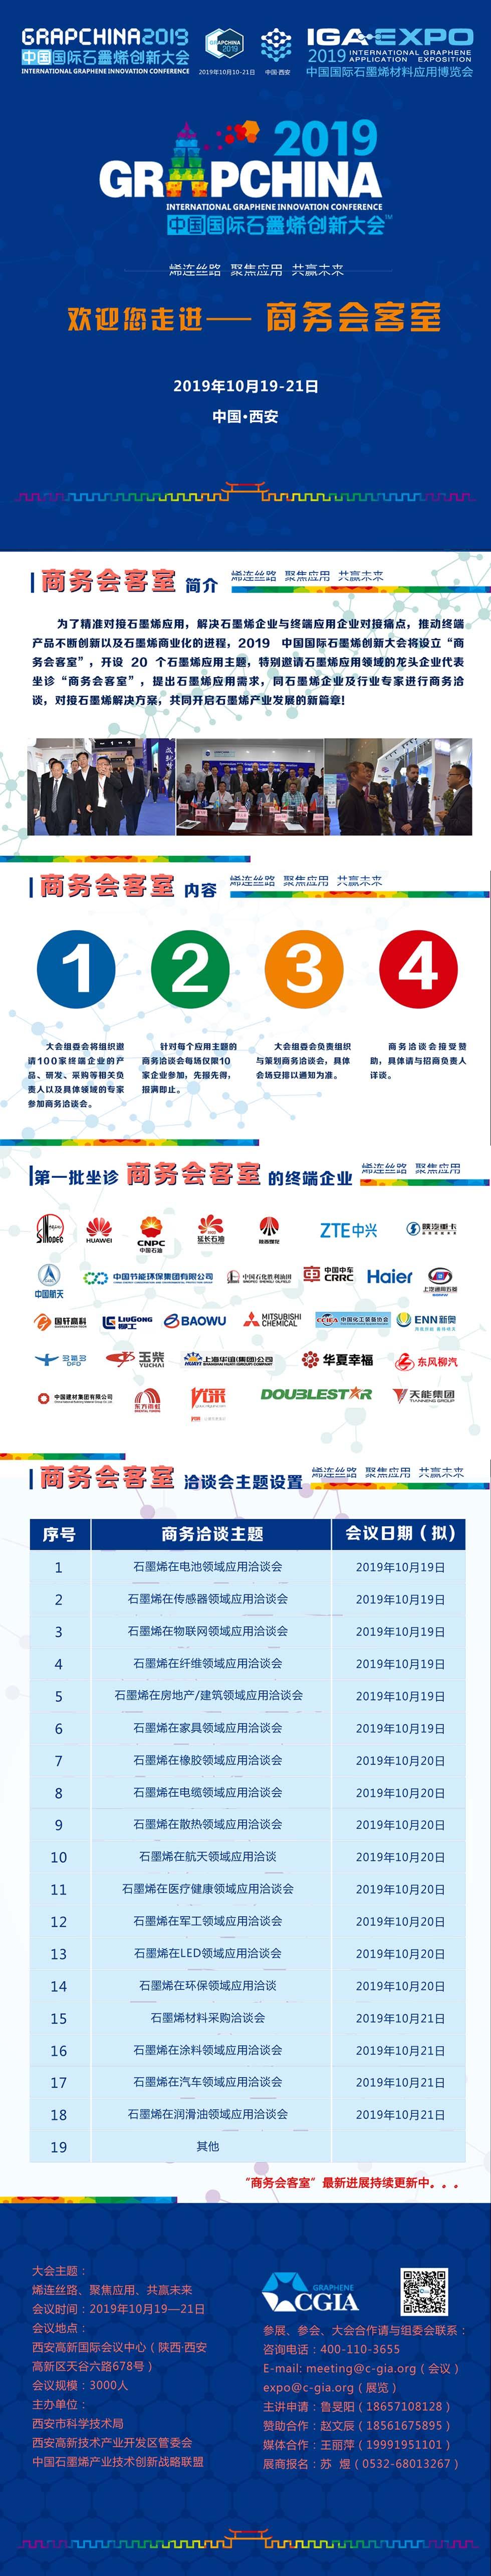 机会来了!想跟中石化、中车、华为、中兴·····500强彩立方平台下载面对面交流?2019中国国际石墨烯创新大会了解一下!